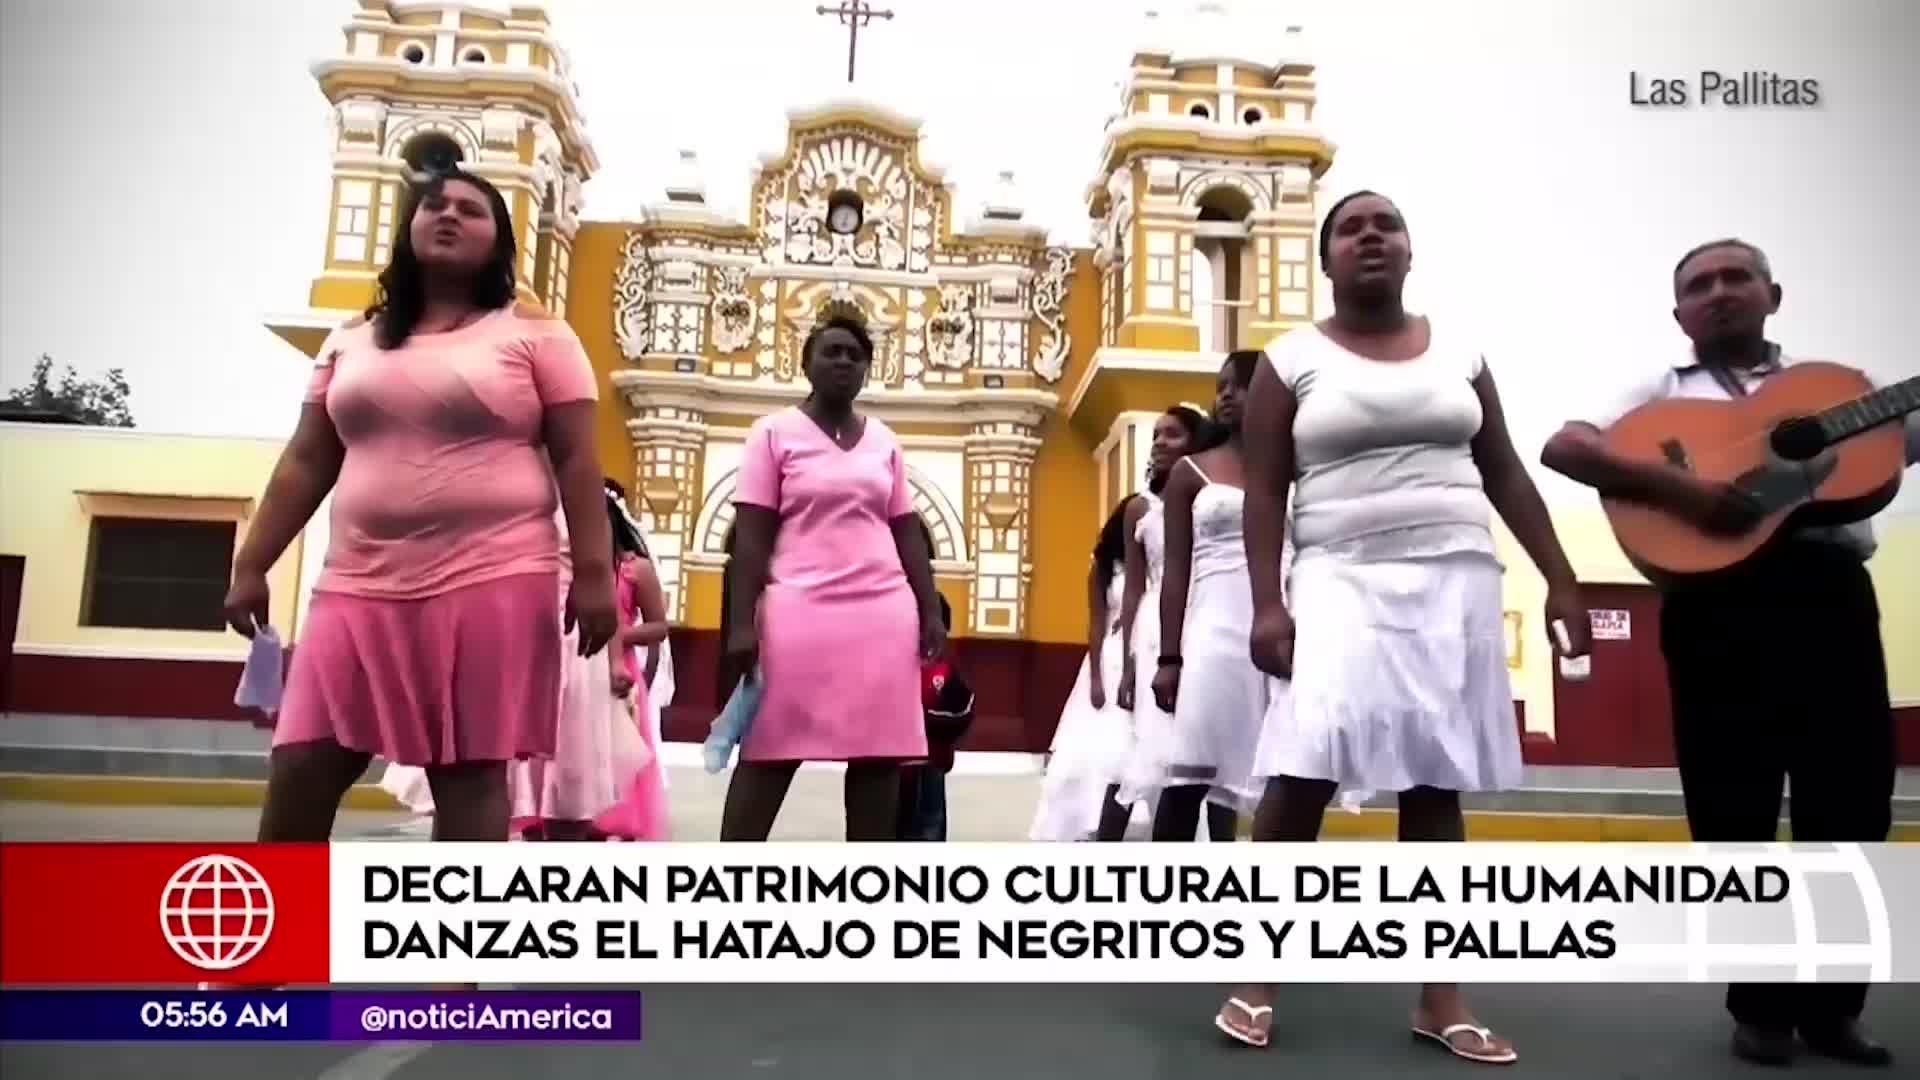 Danzas Las Pallitas y Hatajo de Negritos son declaradas Patrimonio de la Humanidad